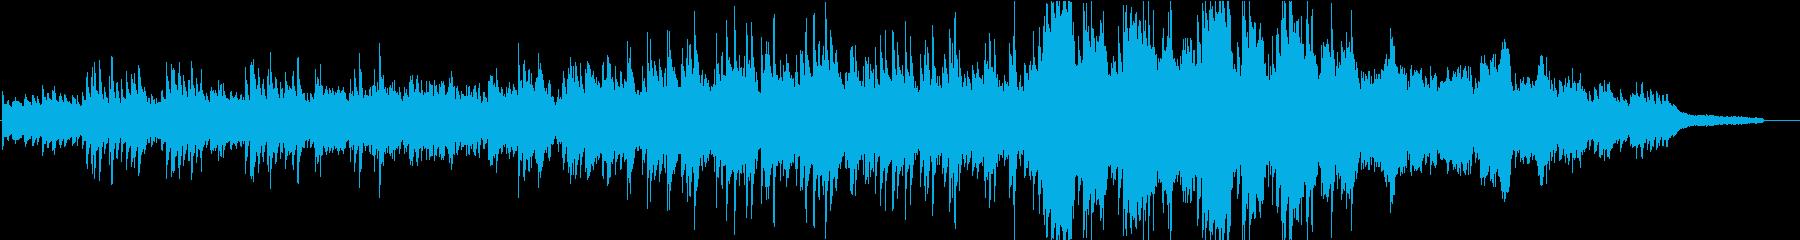 映像】穏やかで落ち着くピアノインストの再生済みの波形